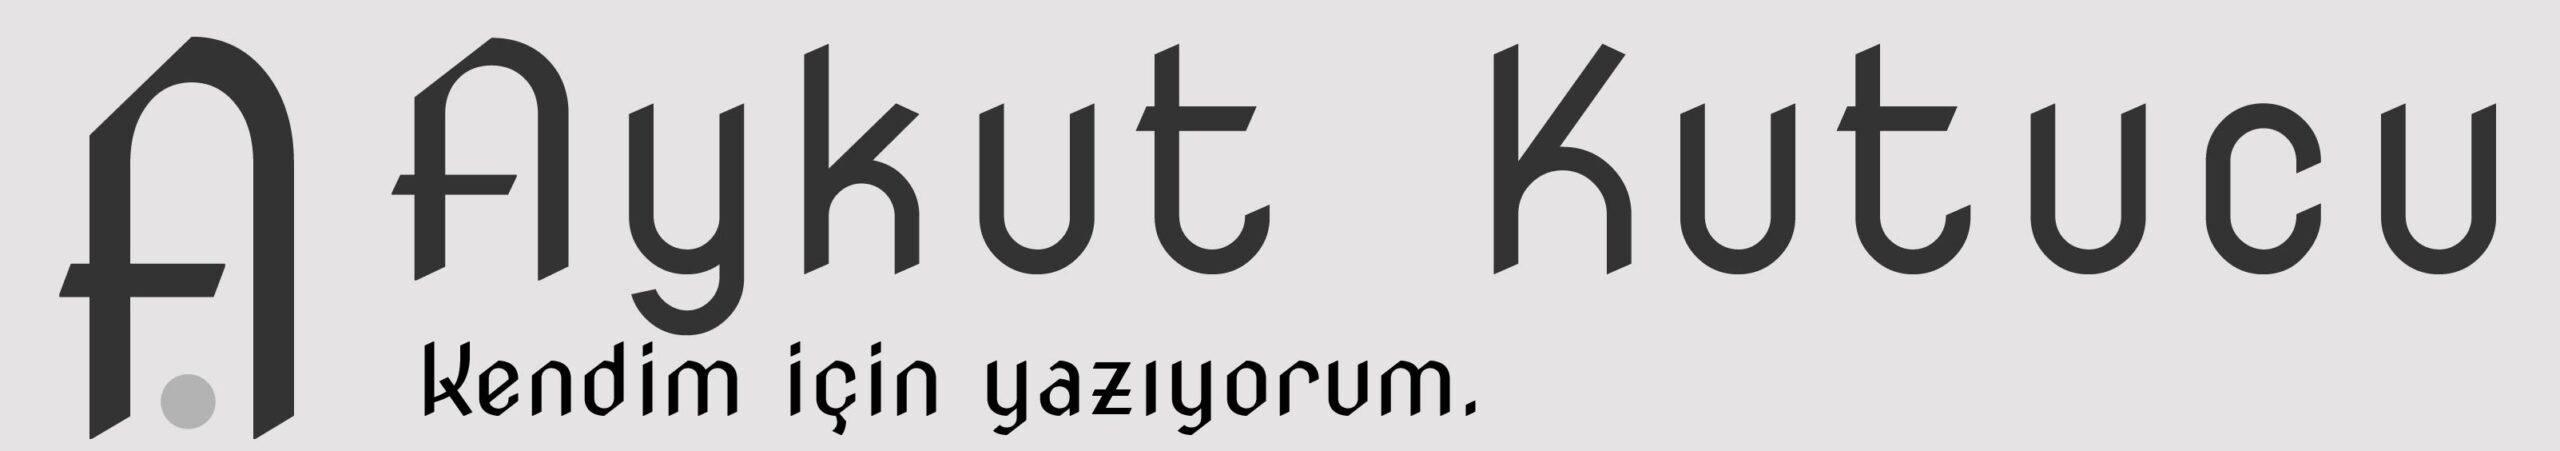 Aykut Kutucu